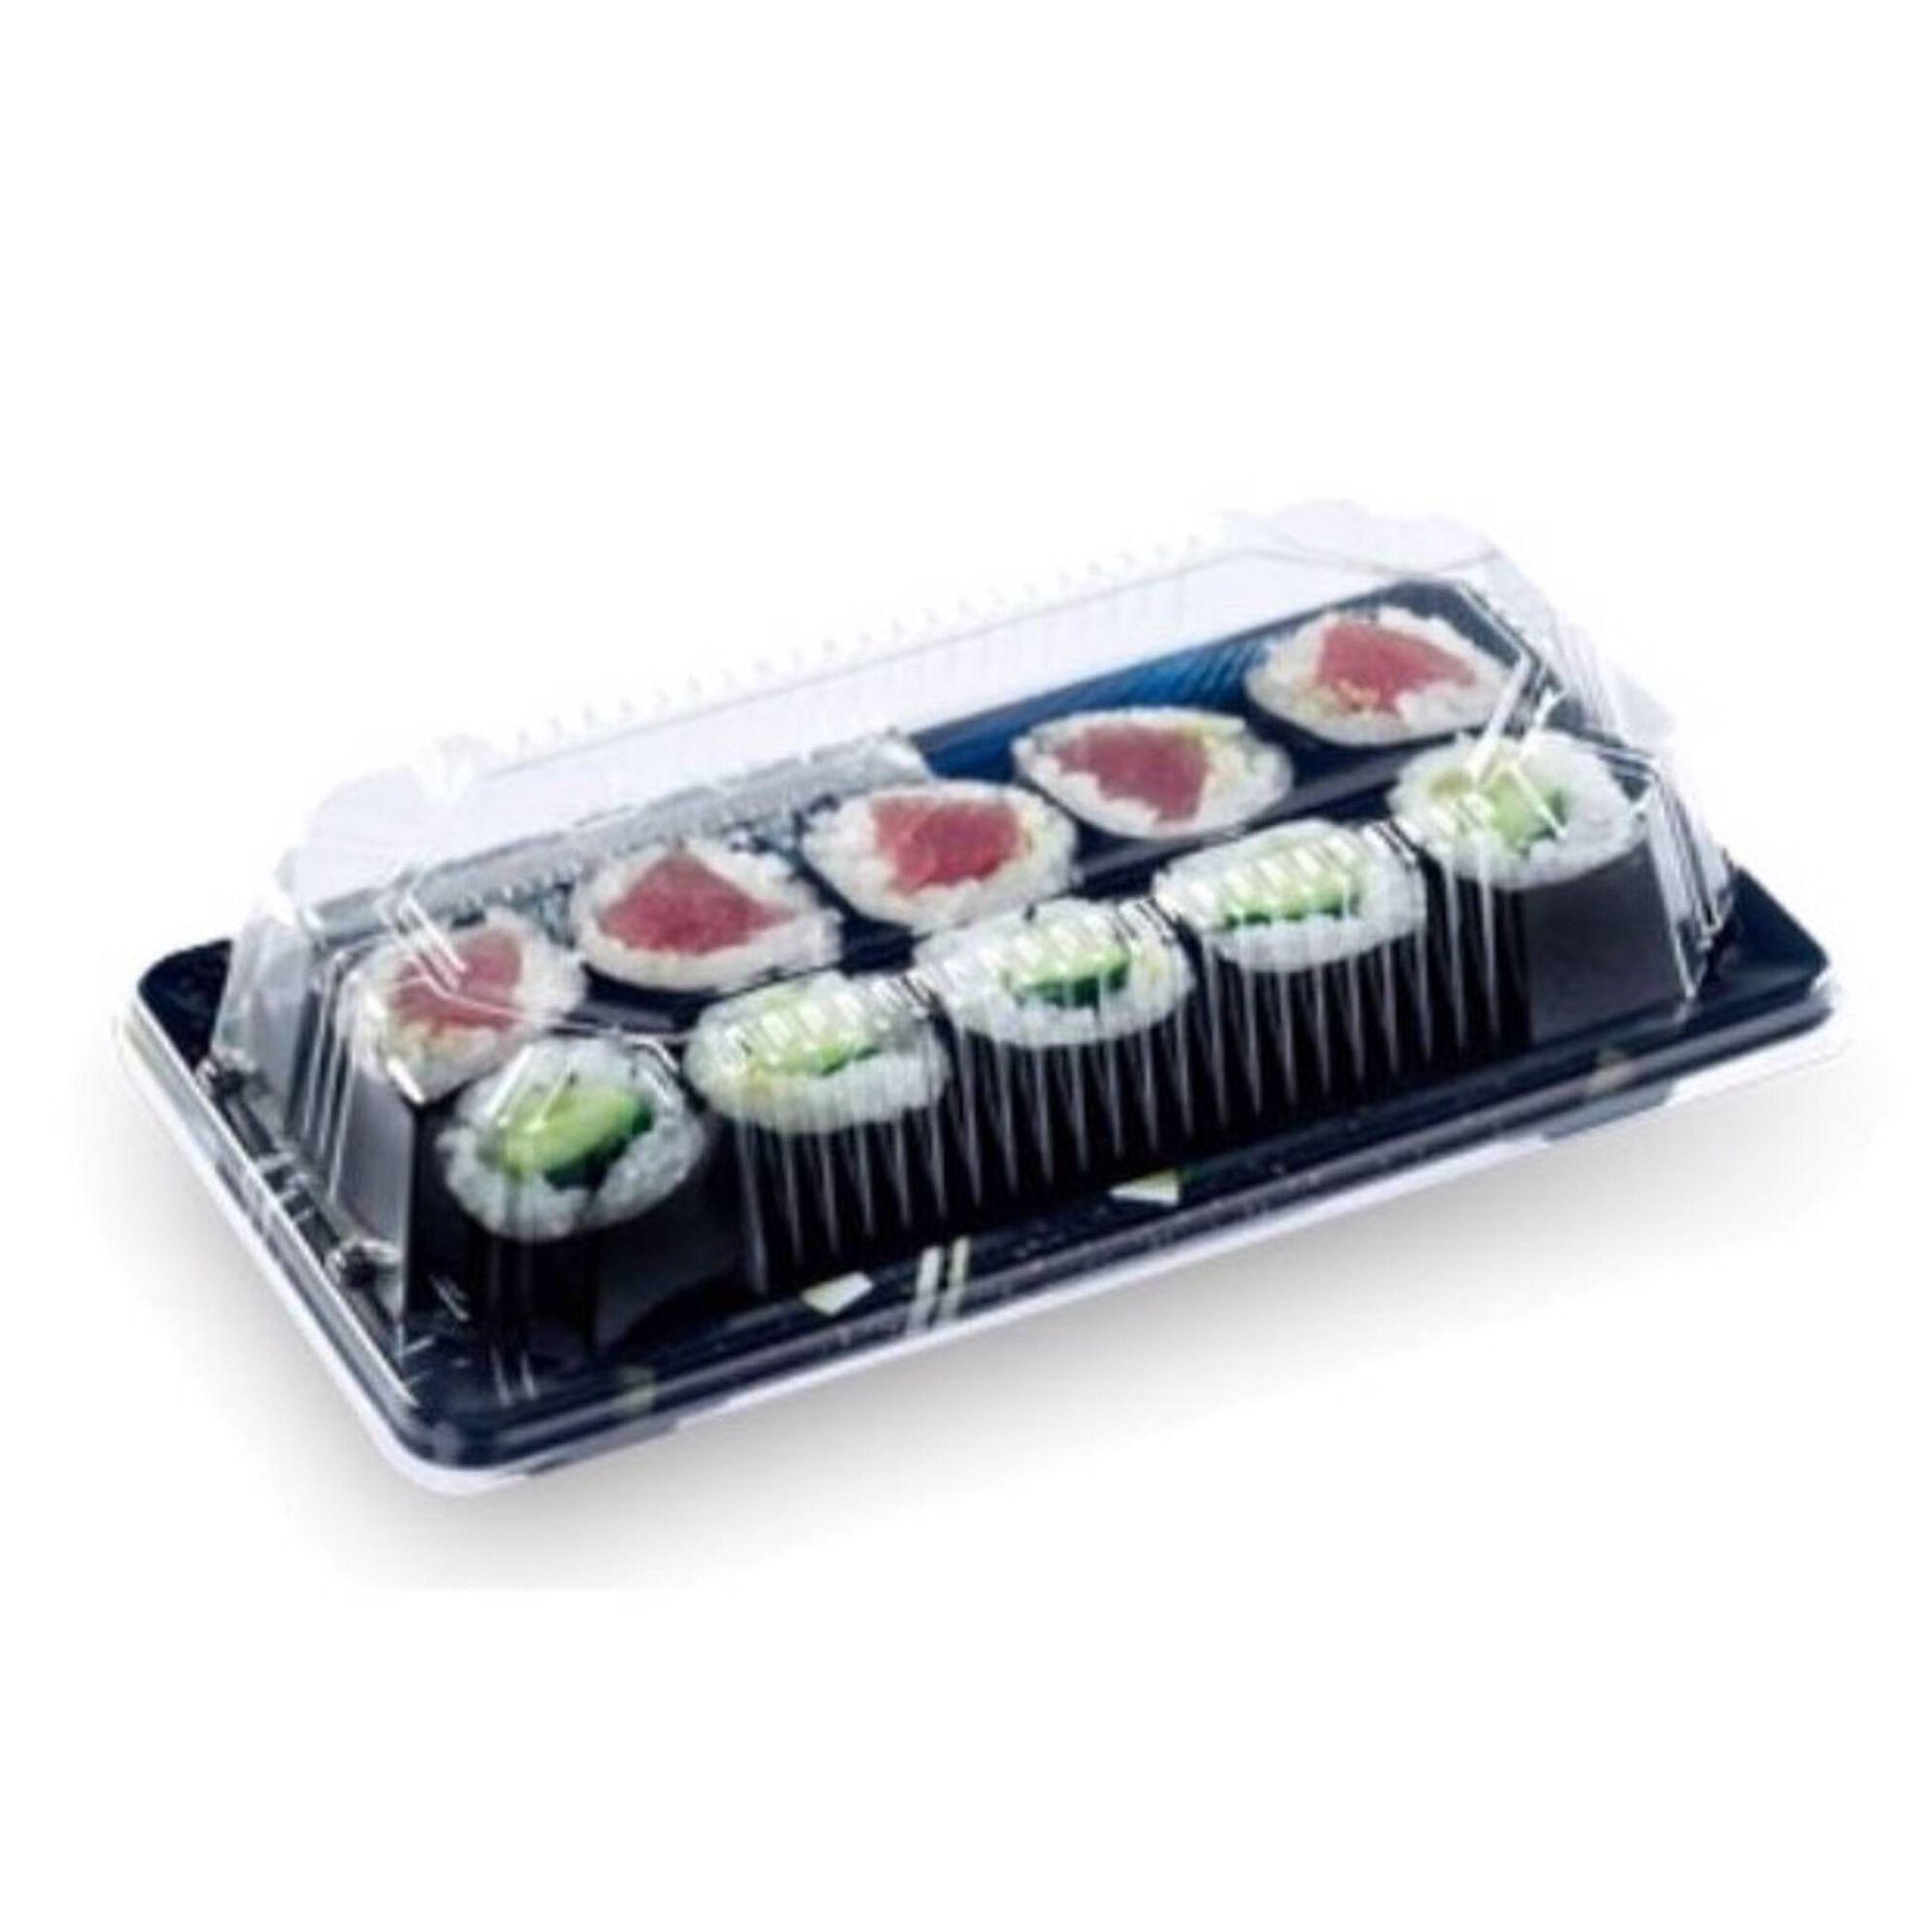 Tampa Embalagem Sushi Transparente